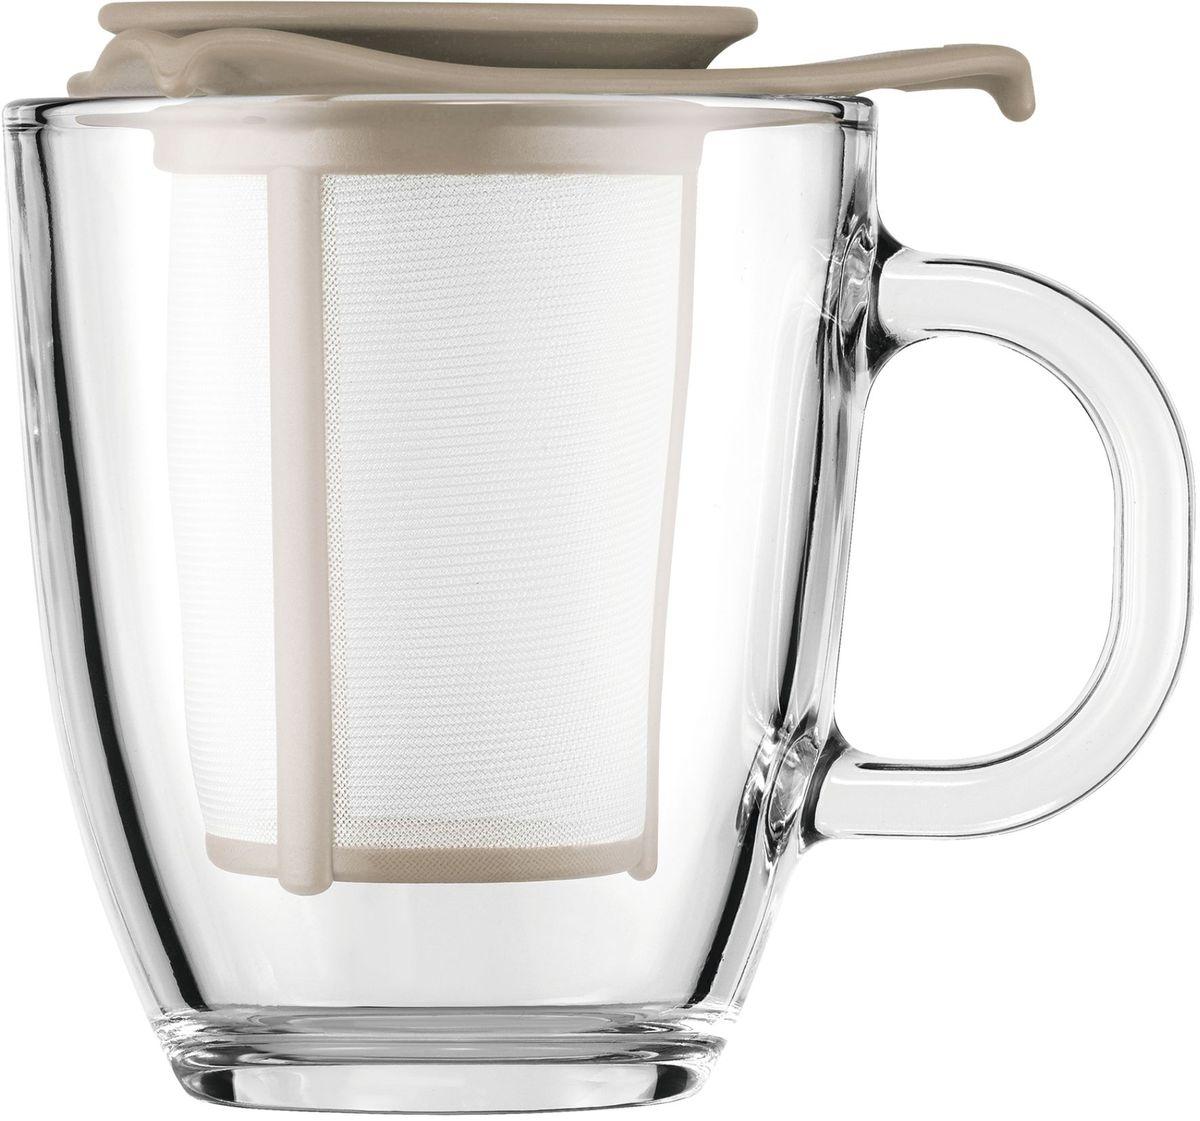 Набор кружек с фильтром Bodum YO-YO, цвет: песочный. AK11239-133-Y16AK11239-133-Y16Набор кружек с фильтром Bodum YO-YO - это удобная возможность заварить ароматный вкусный чай любого сорта на одну персону. Объемная кружка Yo-Yo имеет фильтр, в который засыпается чай. Как и в заварочный чайник, наливаем в кружку кипяток и плотно накрываем ее крышкой. Через прозрачное боросиликатное стекло можно наблюдать, как красиво заваривается чай. Когда процесс приготовления окончен, фильтр можно поставить на крышку и наслаждаться любимым напитком.